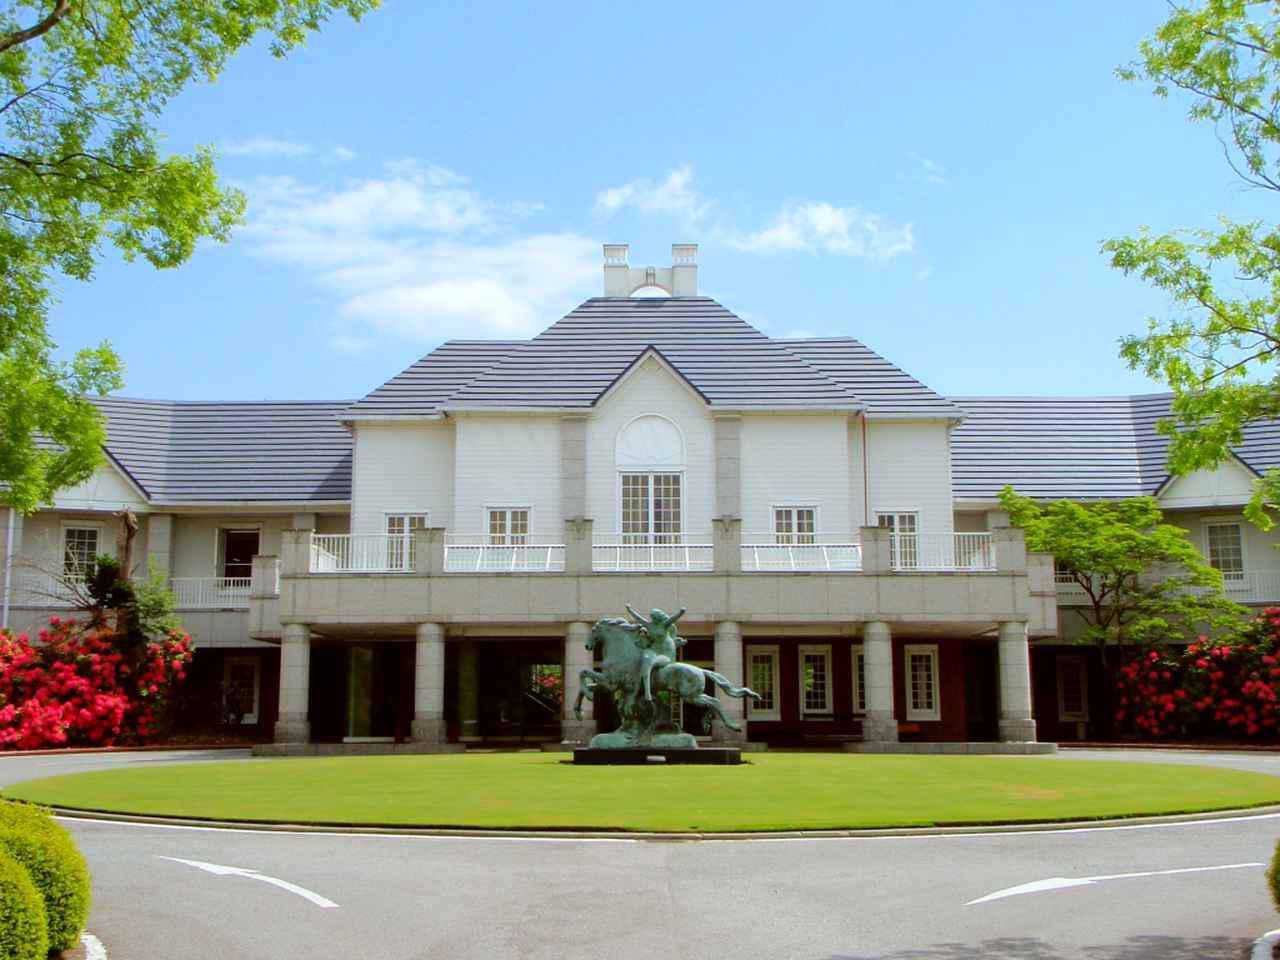 画像: ピートダイゴルフクラブのクラブハウス